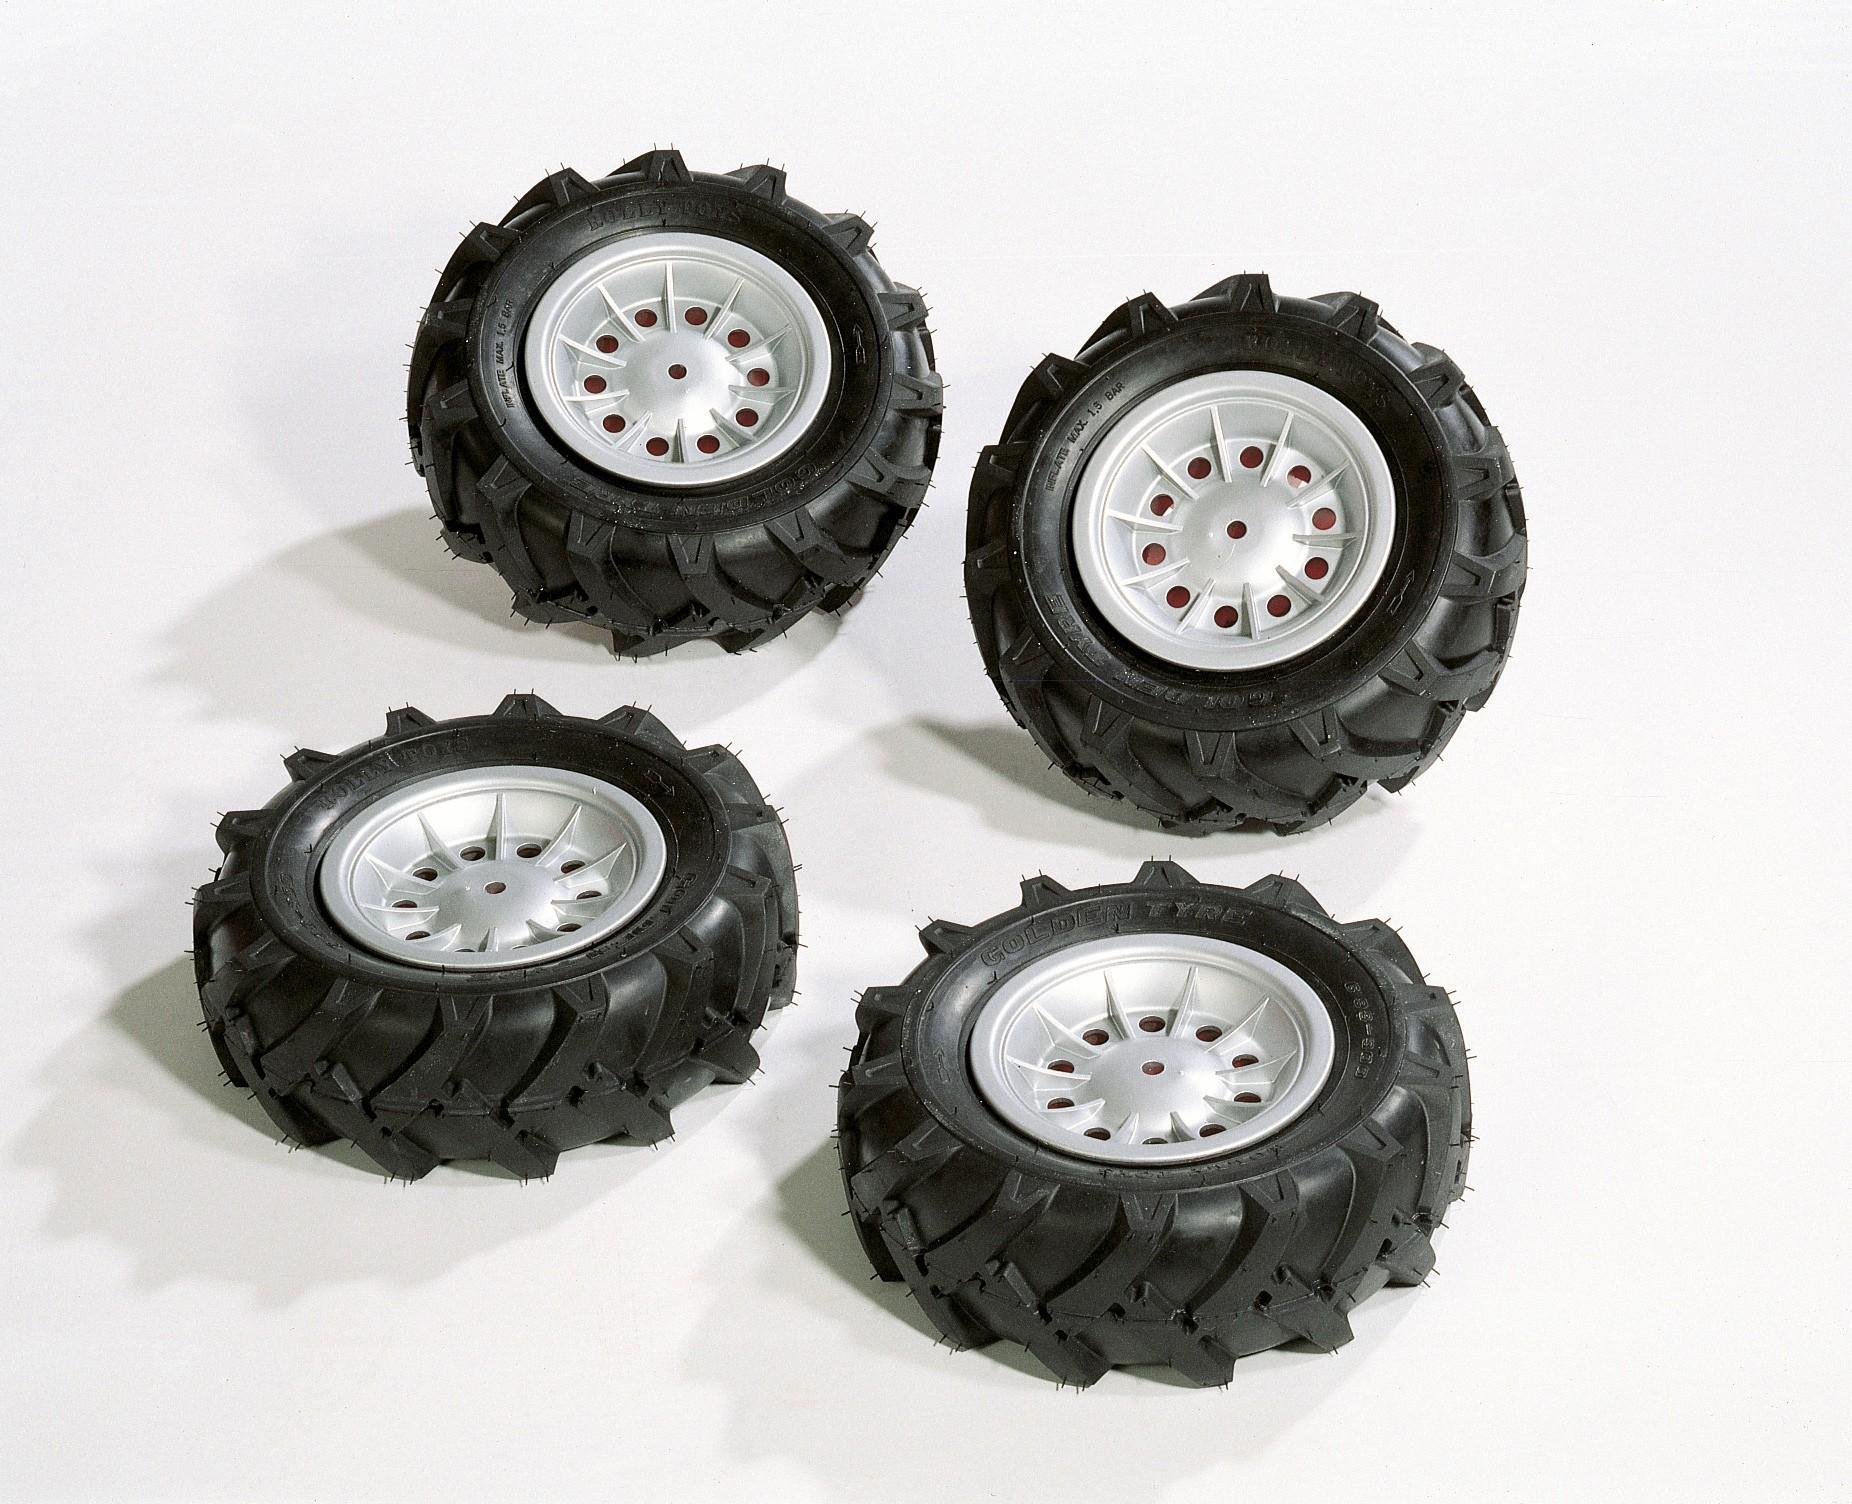 Räder rolly Luftbereifung für Tretfahrzeug 310x95 silber - Rolly Toys Bild 1